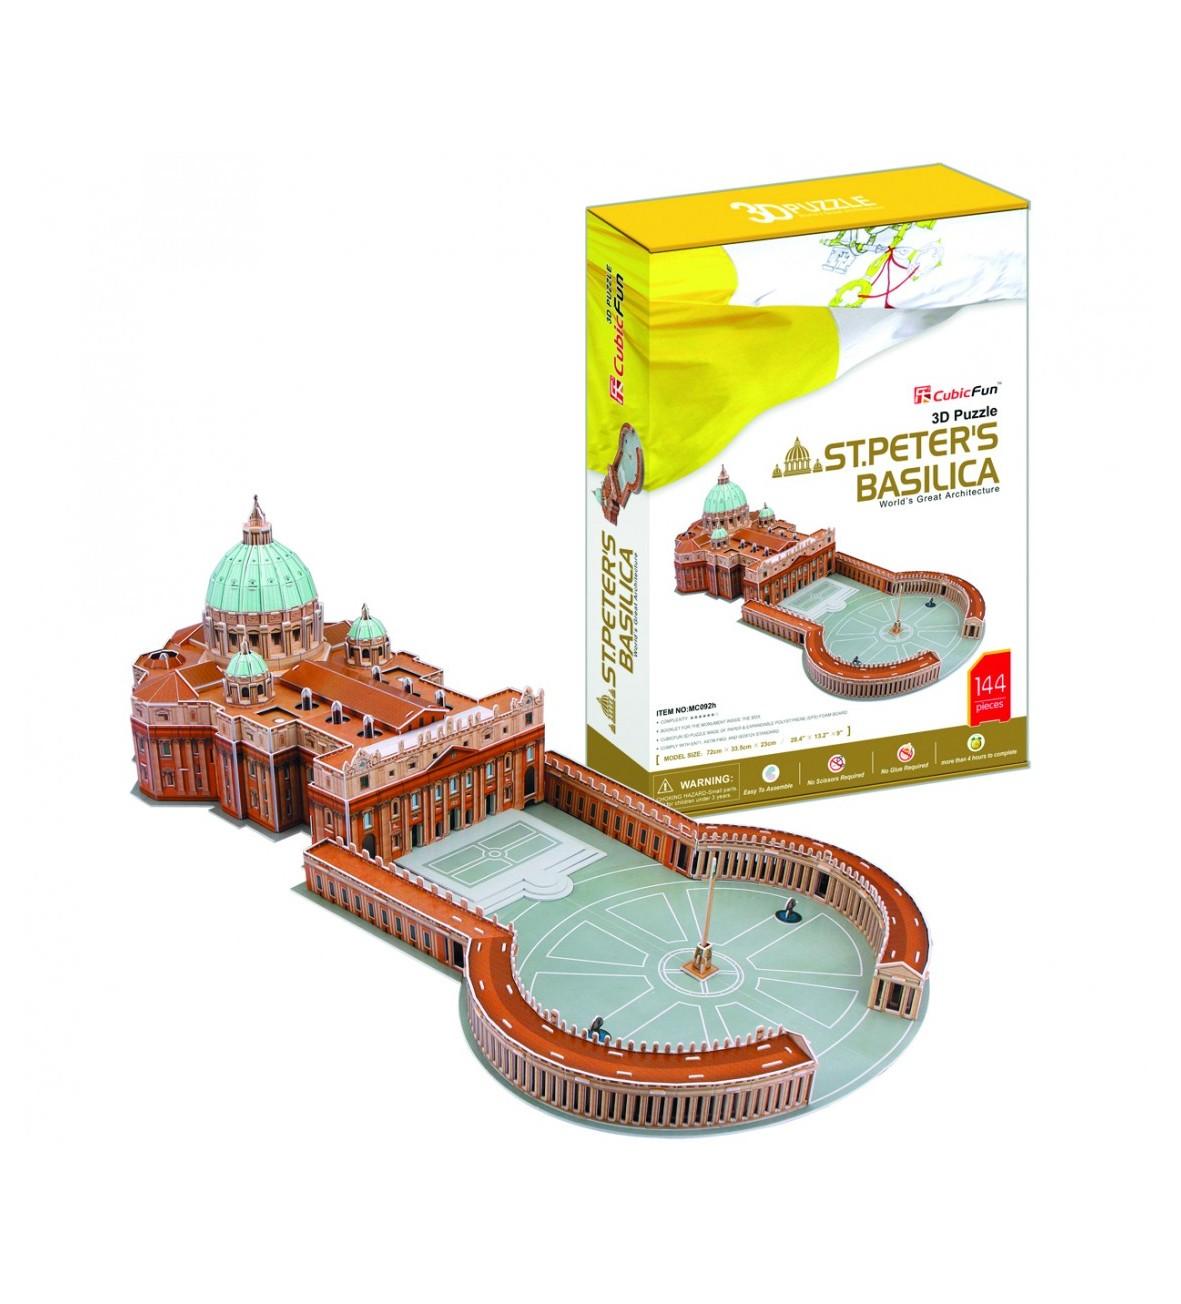 Puzzle 3D Basillica St. Peters duży